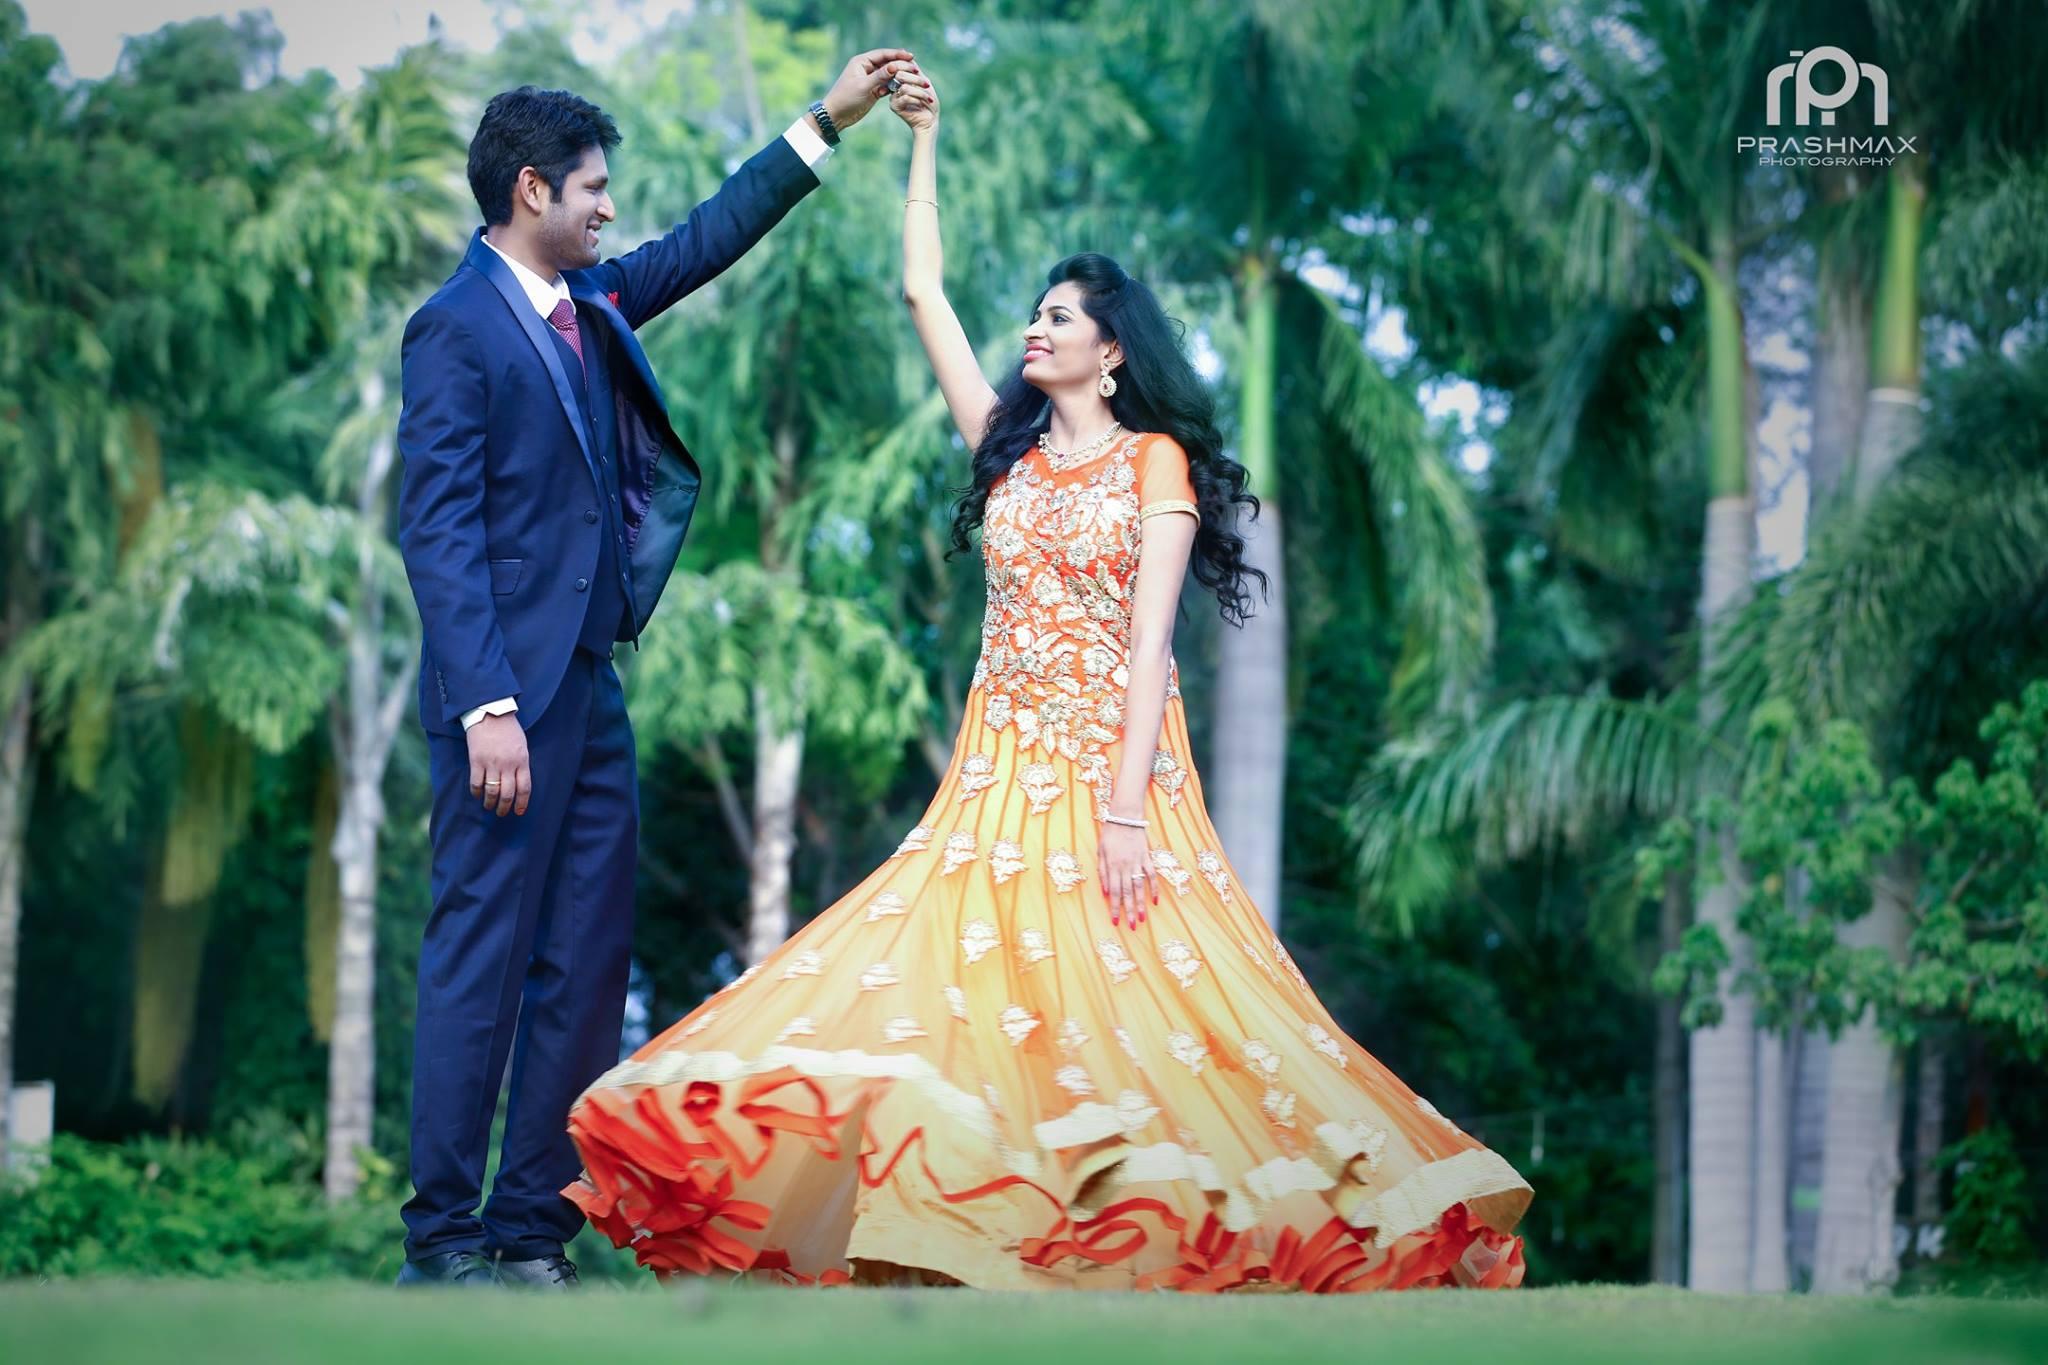 Orange Gown Wedding: Orange With Silver Work Bridal Gown